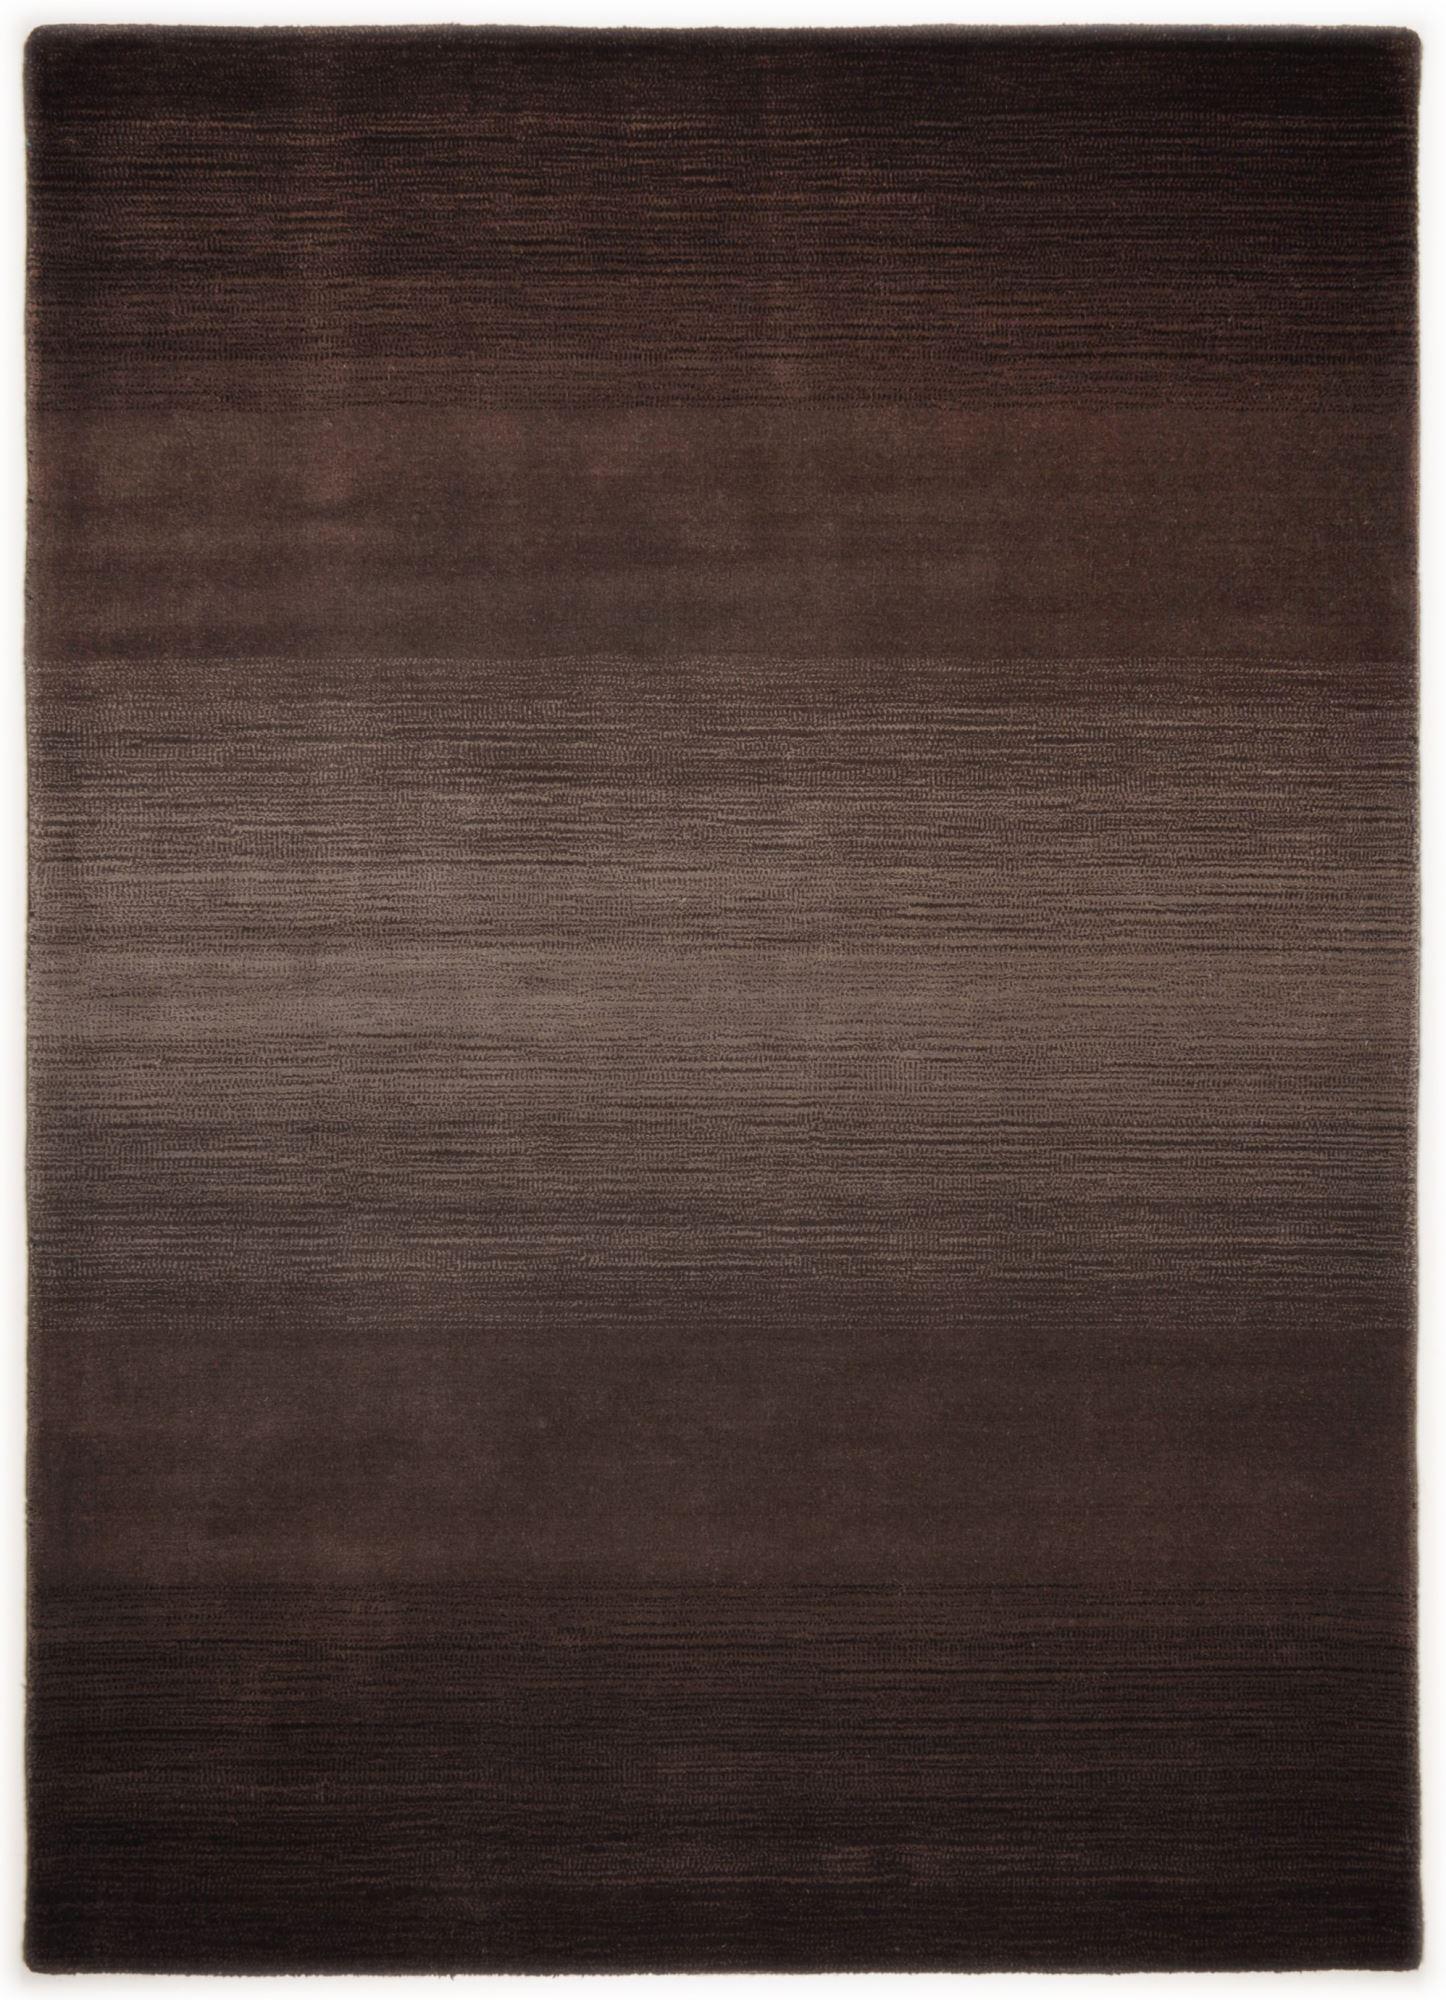 Tapis dégradé de couleur en laine Chocolat 90x160